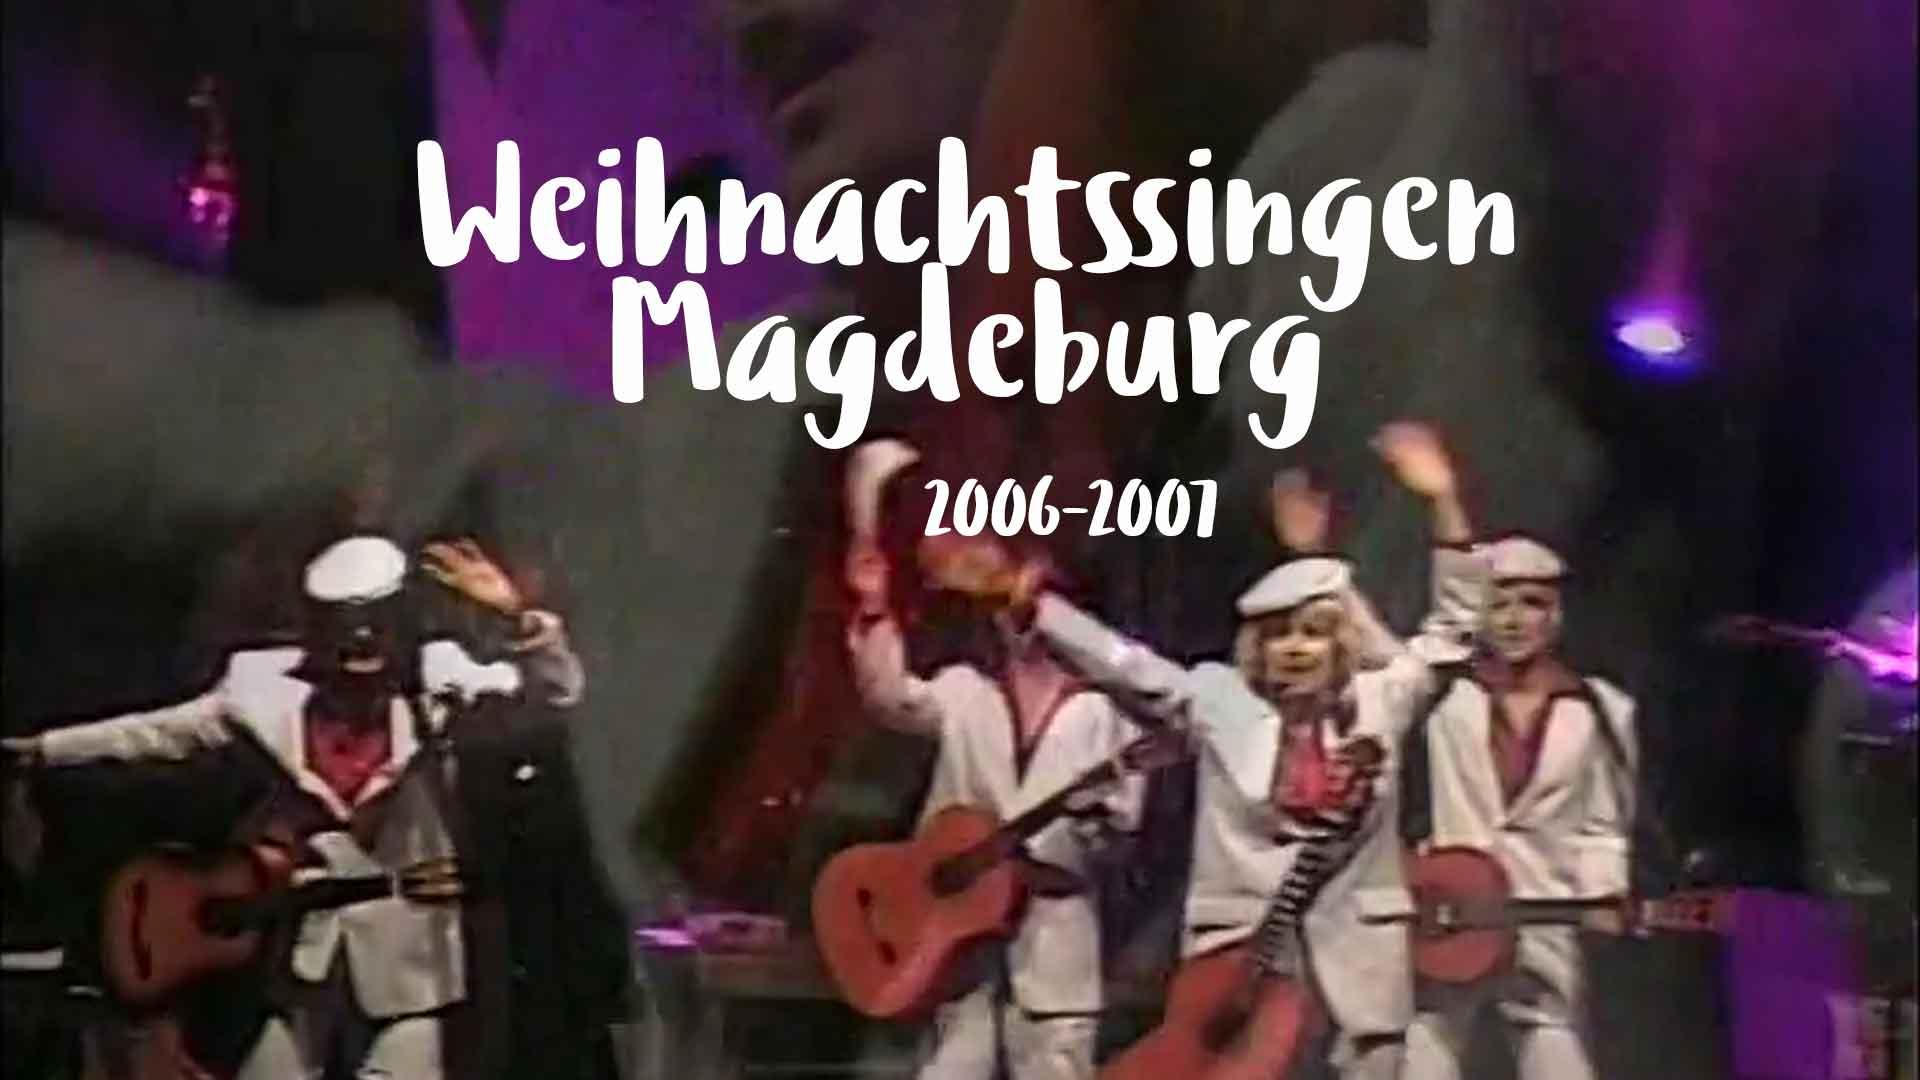 Weihnachtssingen Magdeburg (2006 - 2007)